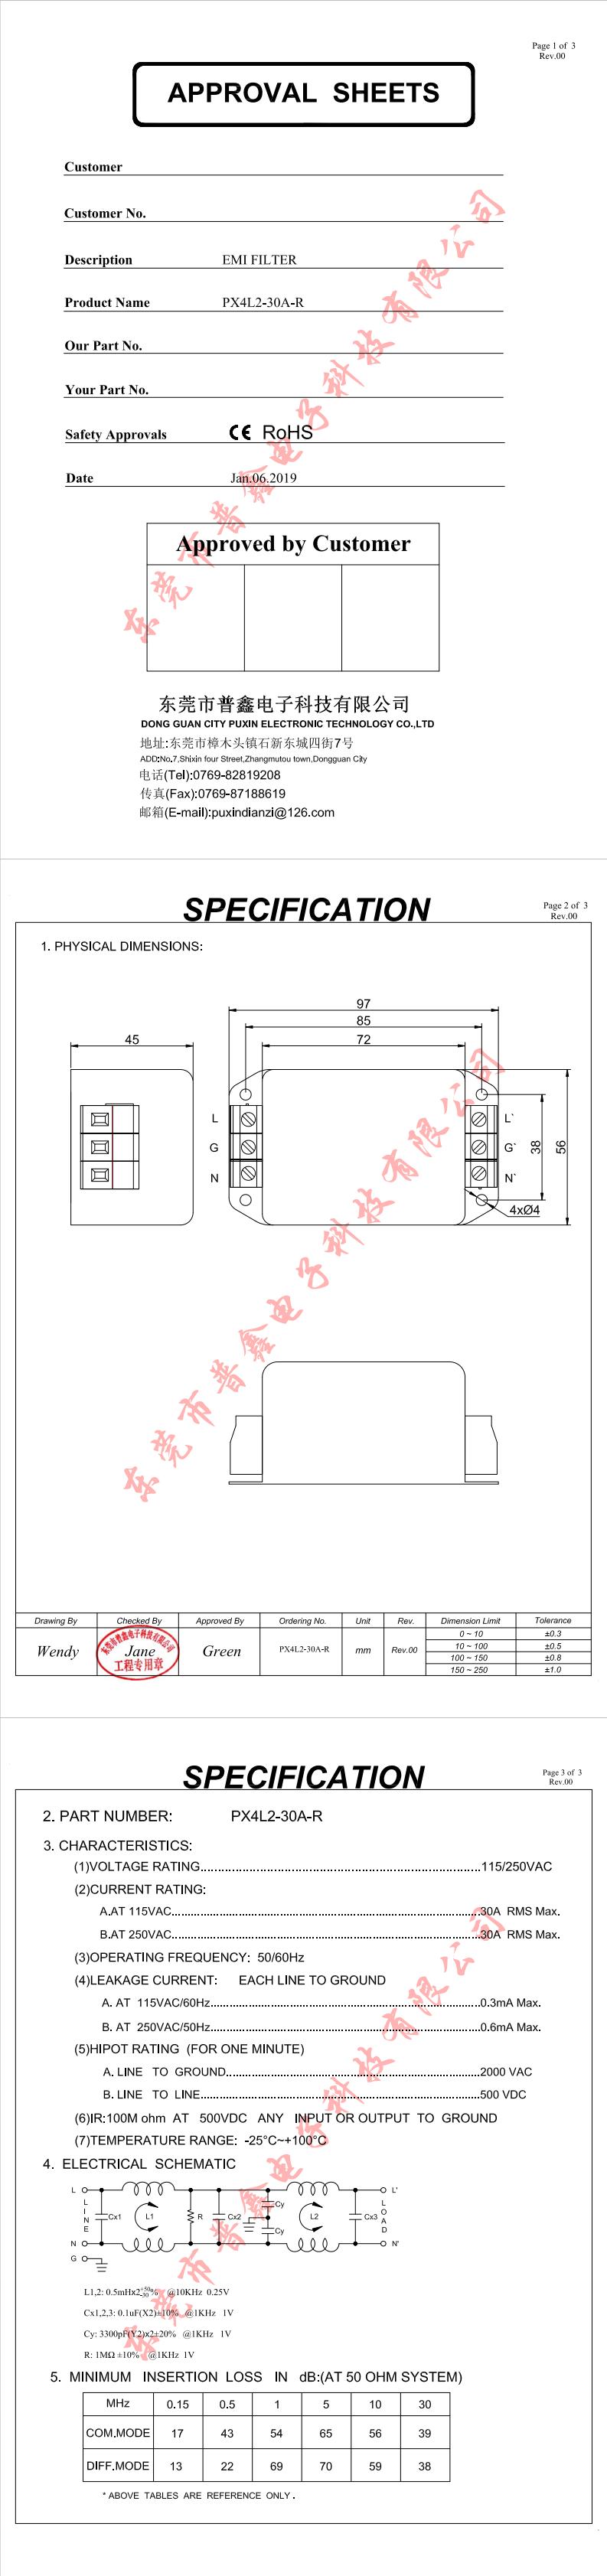 PX4L2-30A-R Rev 00_0.png